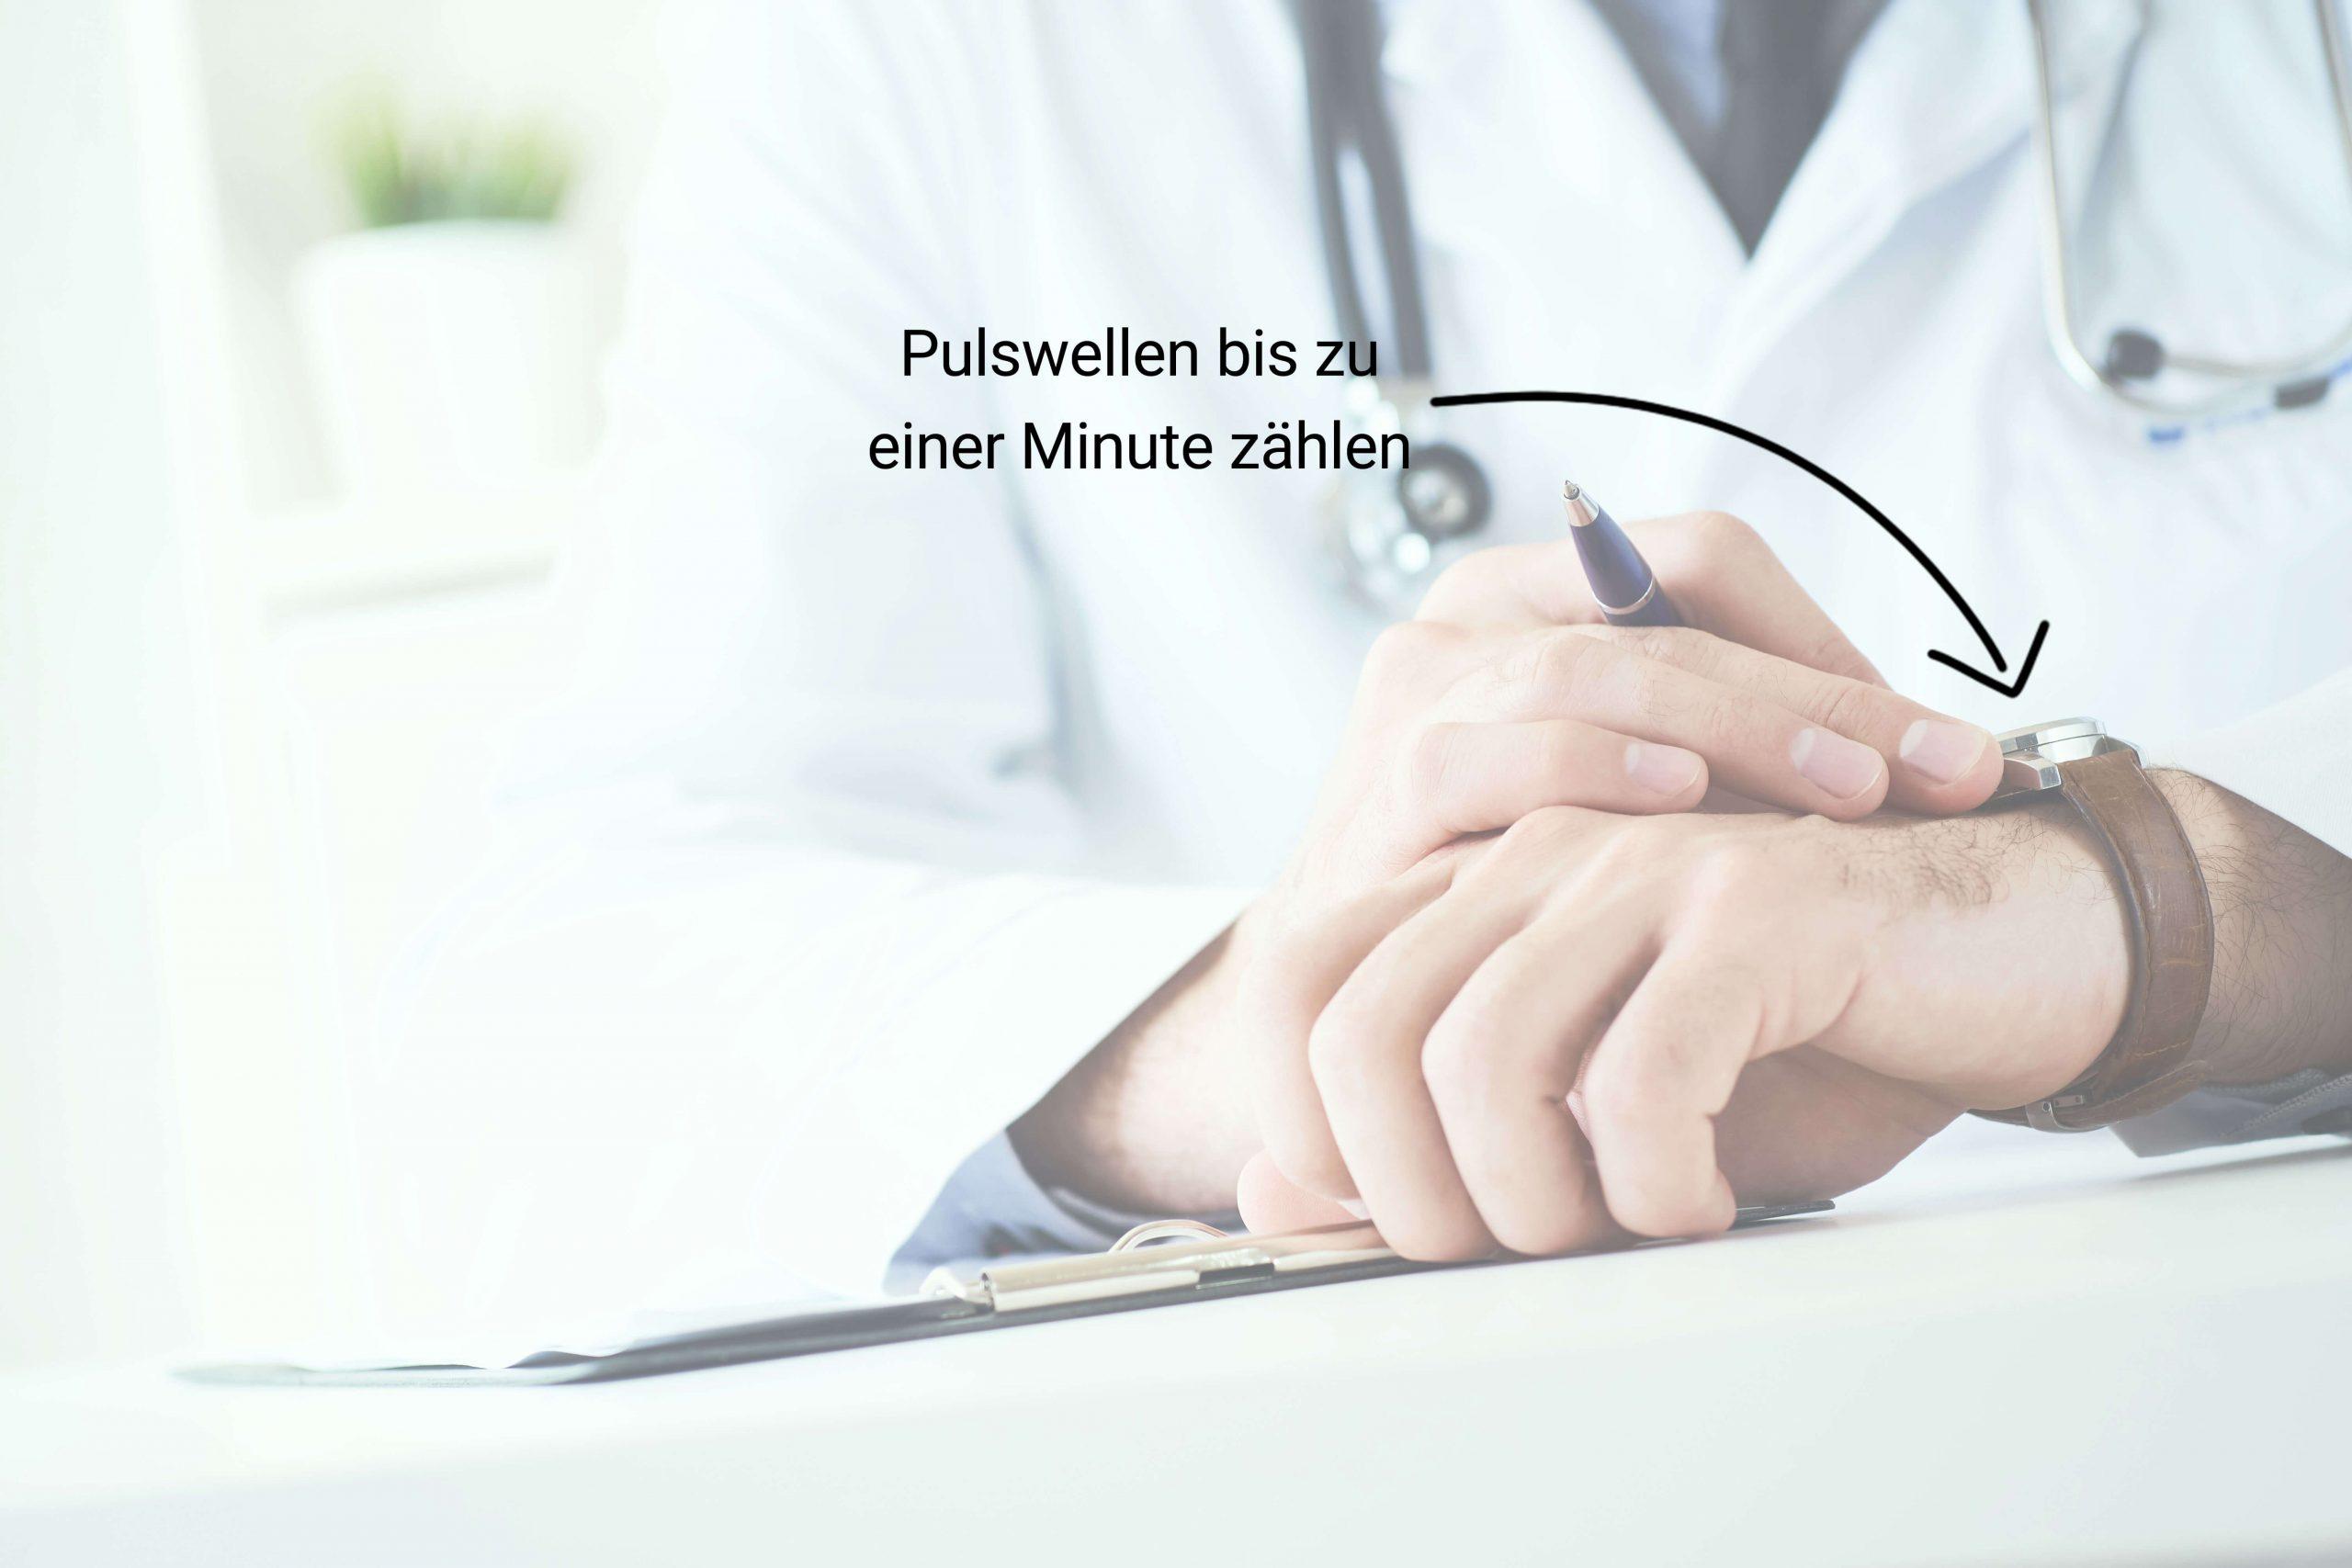 Pulsmessung Zählen